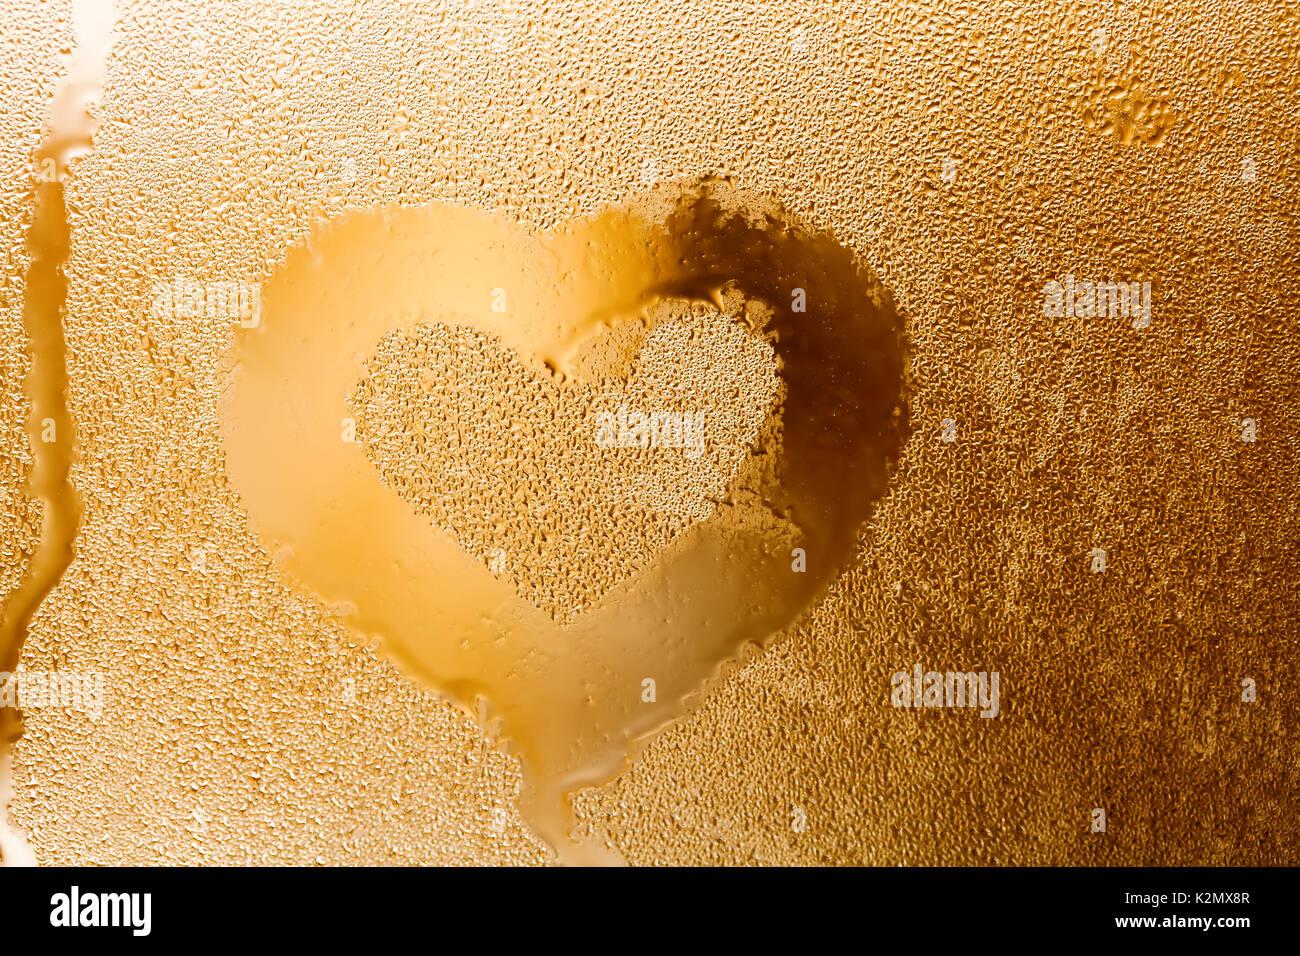 Liebe Herz Form und Regentropfen Strukturmuster. Abstrakte goldene Farbe Fenster mit Wassertropfen, Flüssigkeit blasen. Makro anzeigen. Geringe Tiefenschärfe. Valentines Tag Konzept. Horizontale Stockbild